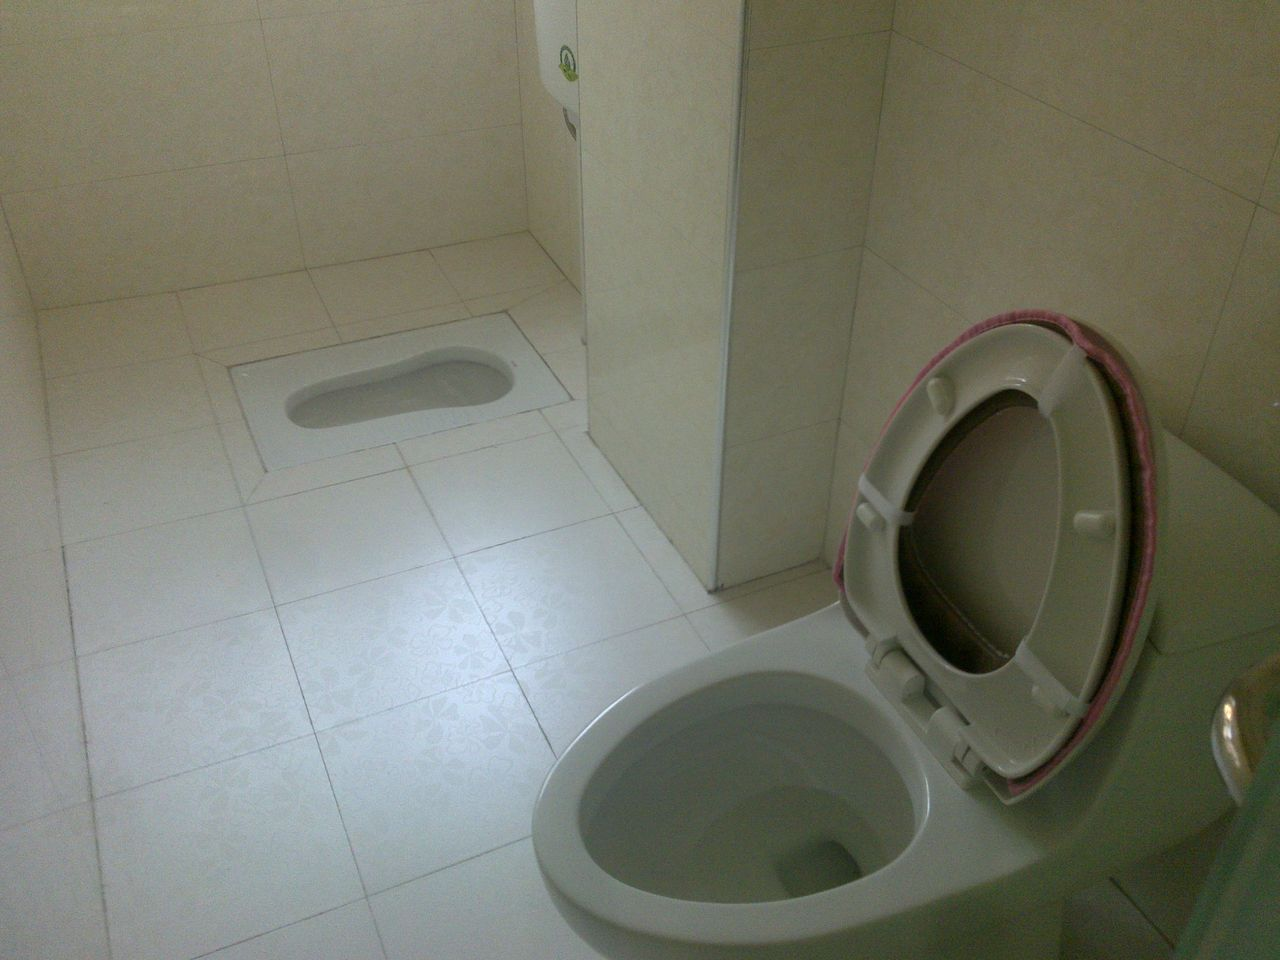 怎样在一个卫生间安装蹲式和做式马桶图片